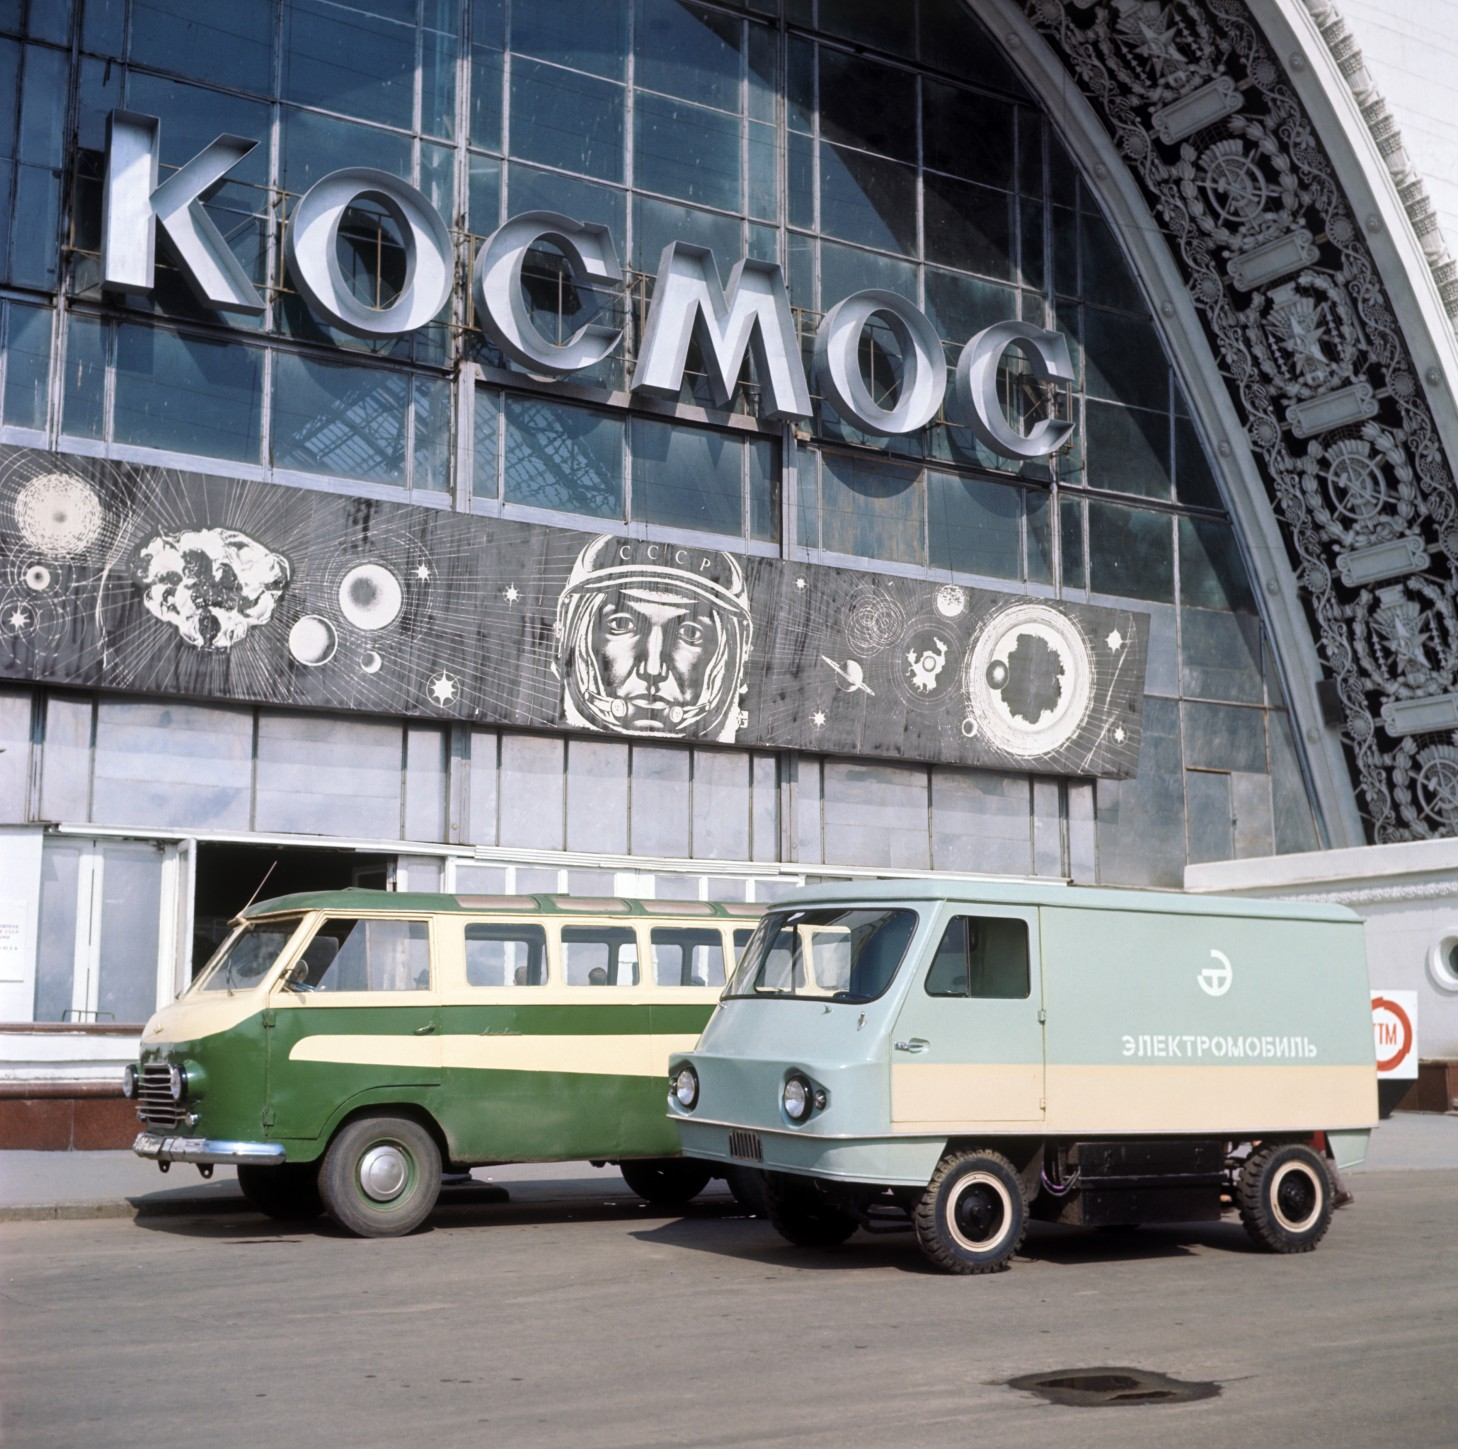 1969 У павильона «Космос». Фотохроника ТАСС2